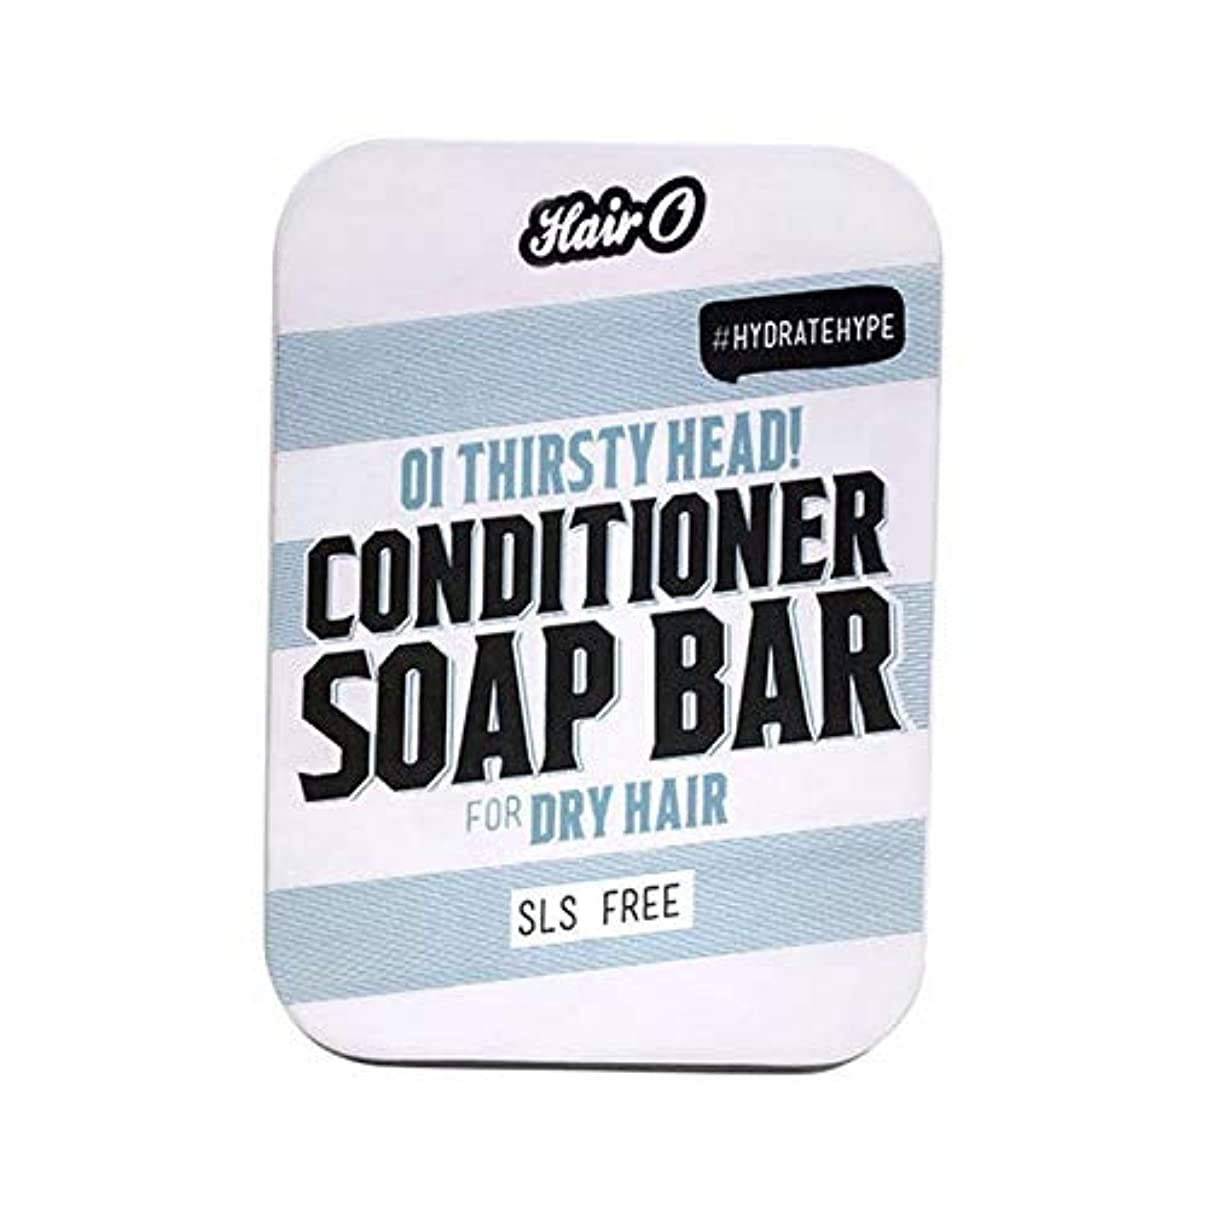 いつもシステム発言する[Hair O ] 大井のどが渇いヘッドコンディショナーソープバー100グラムO毛 - Hair O Oi Thirsty Head Conditioner Soap Bar 100g [並行輸入品]